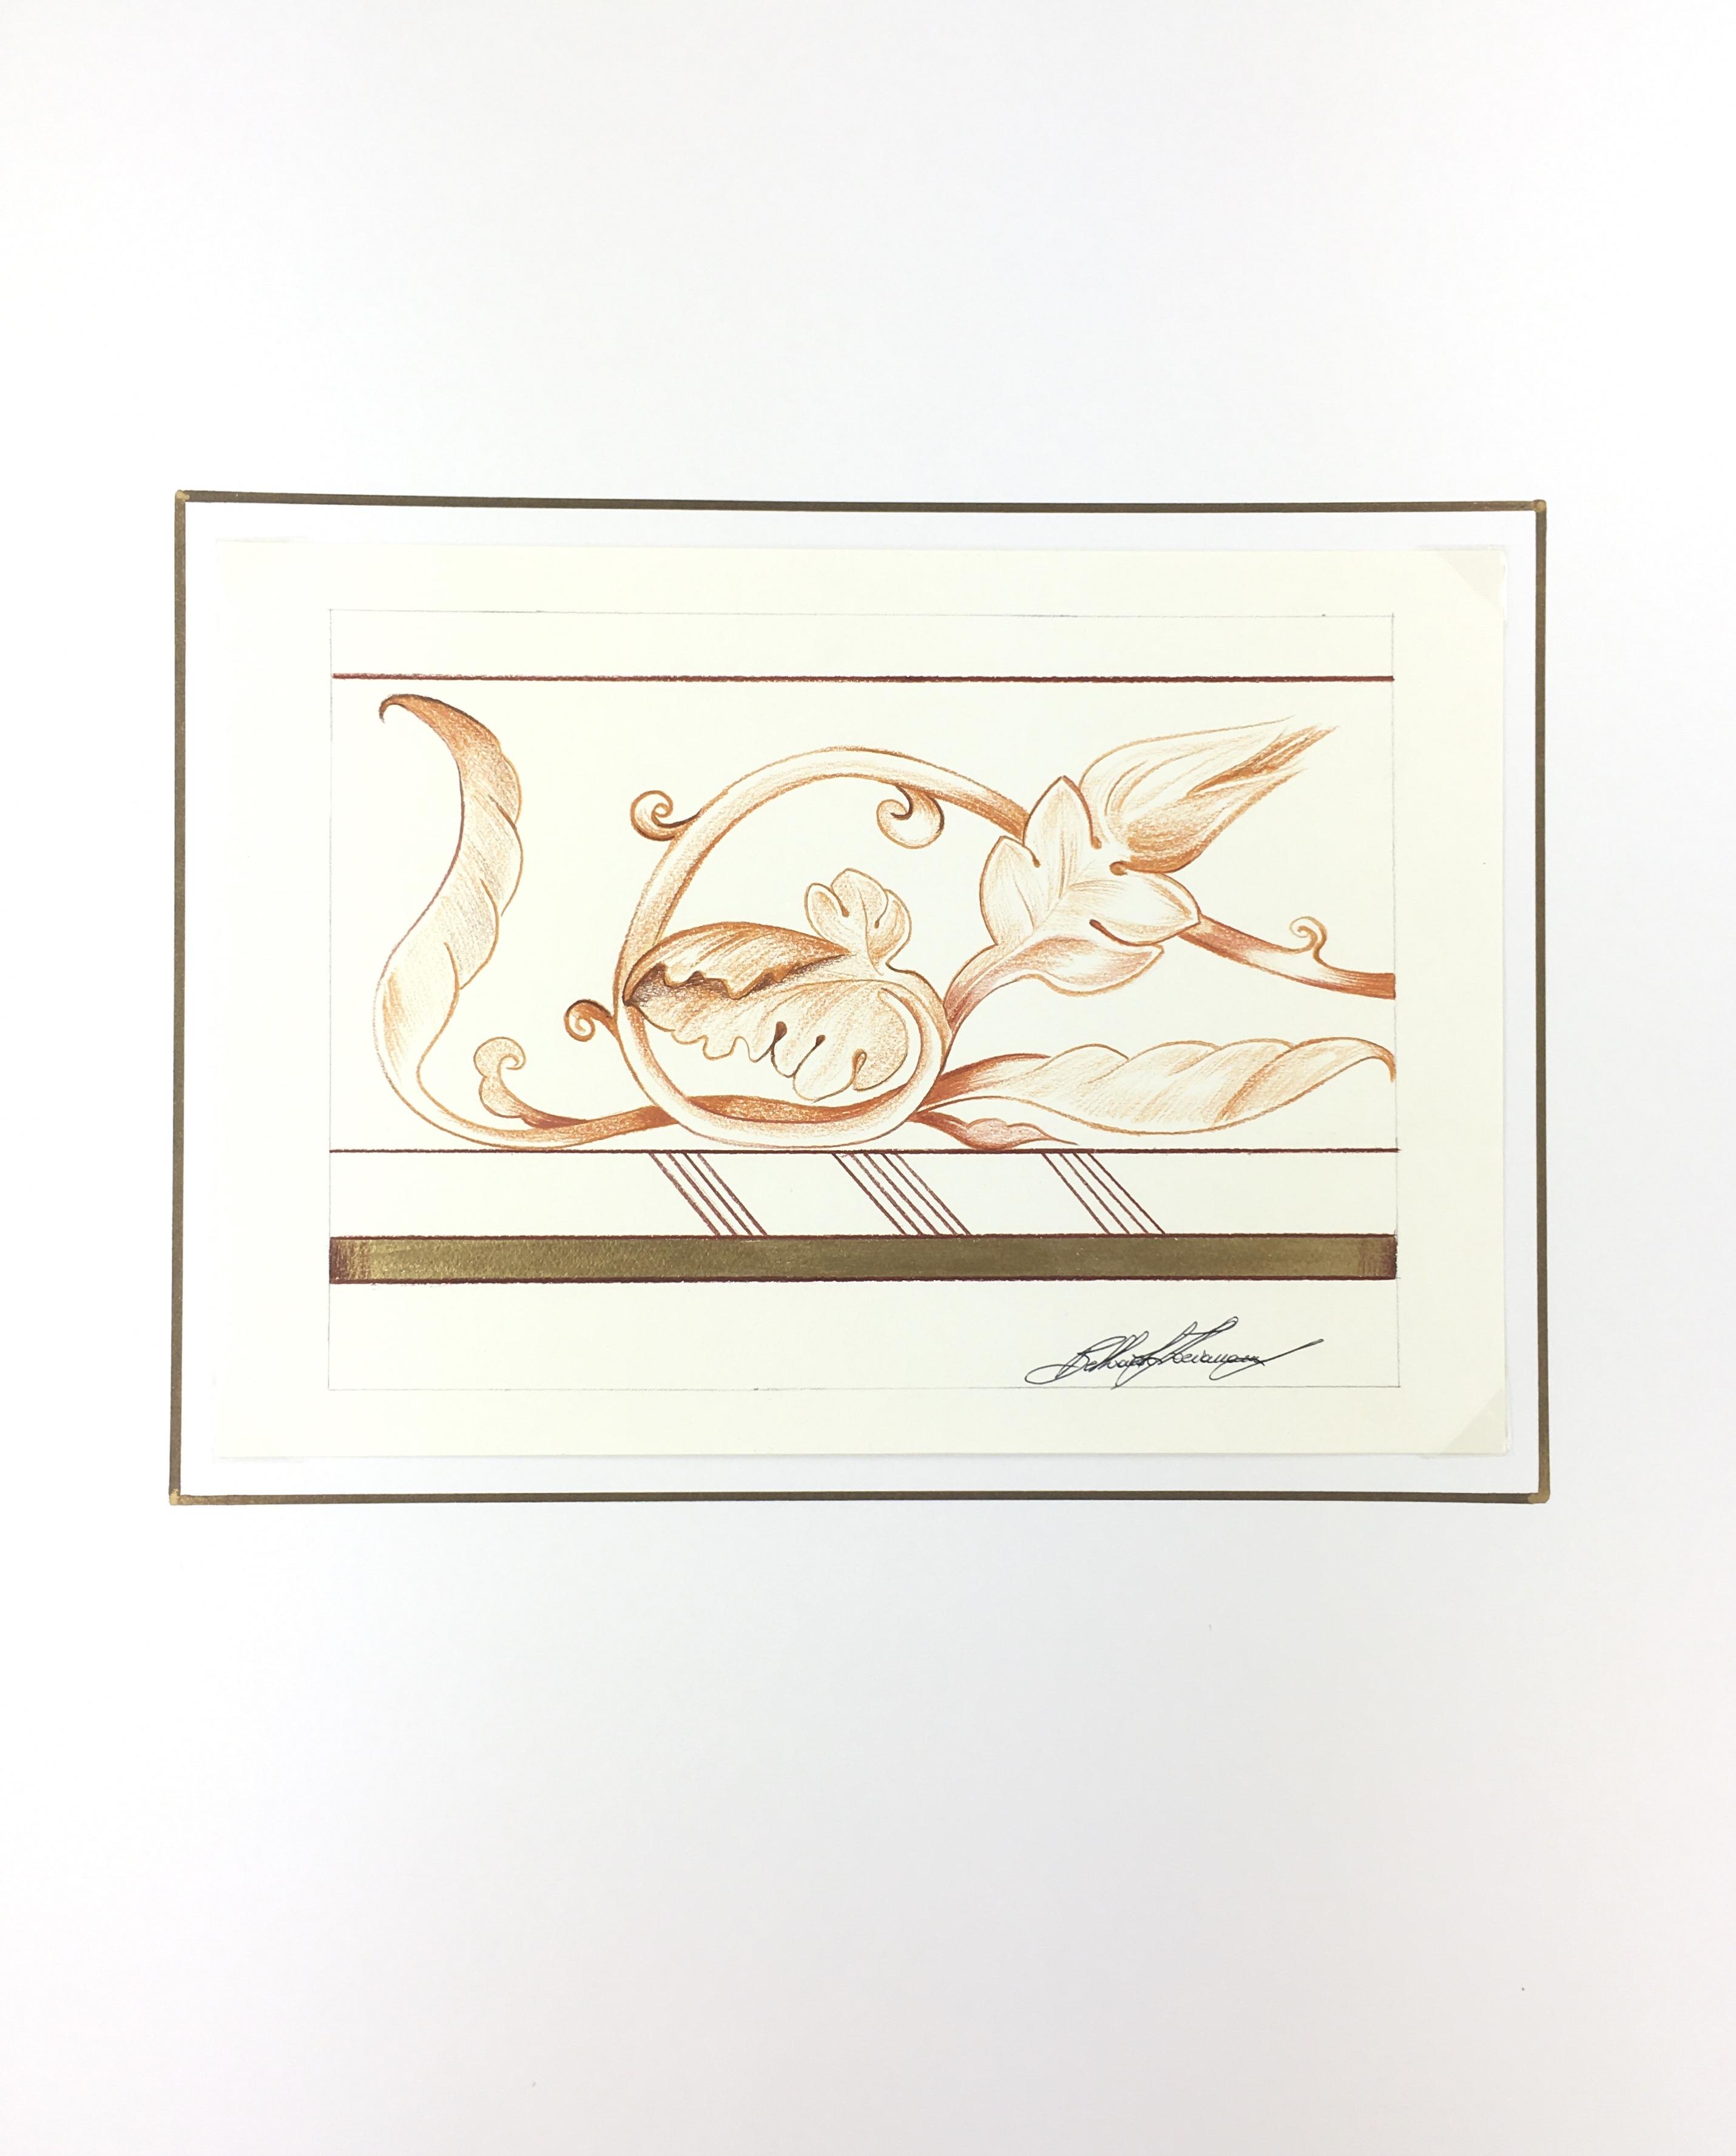 Italy Original Art - Tuscan Drawing, Florian Balluardo, 2012